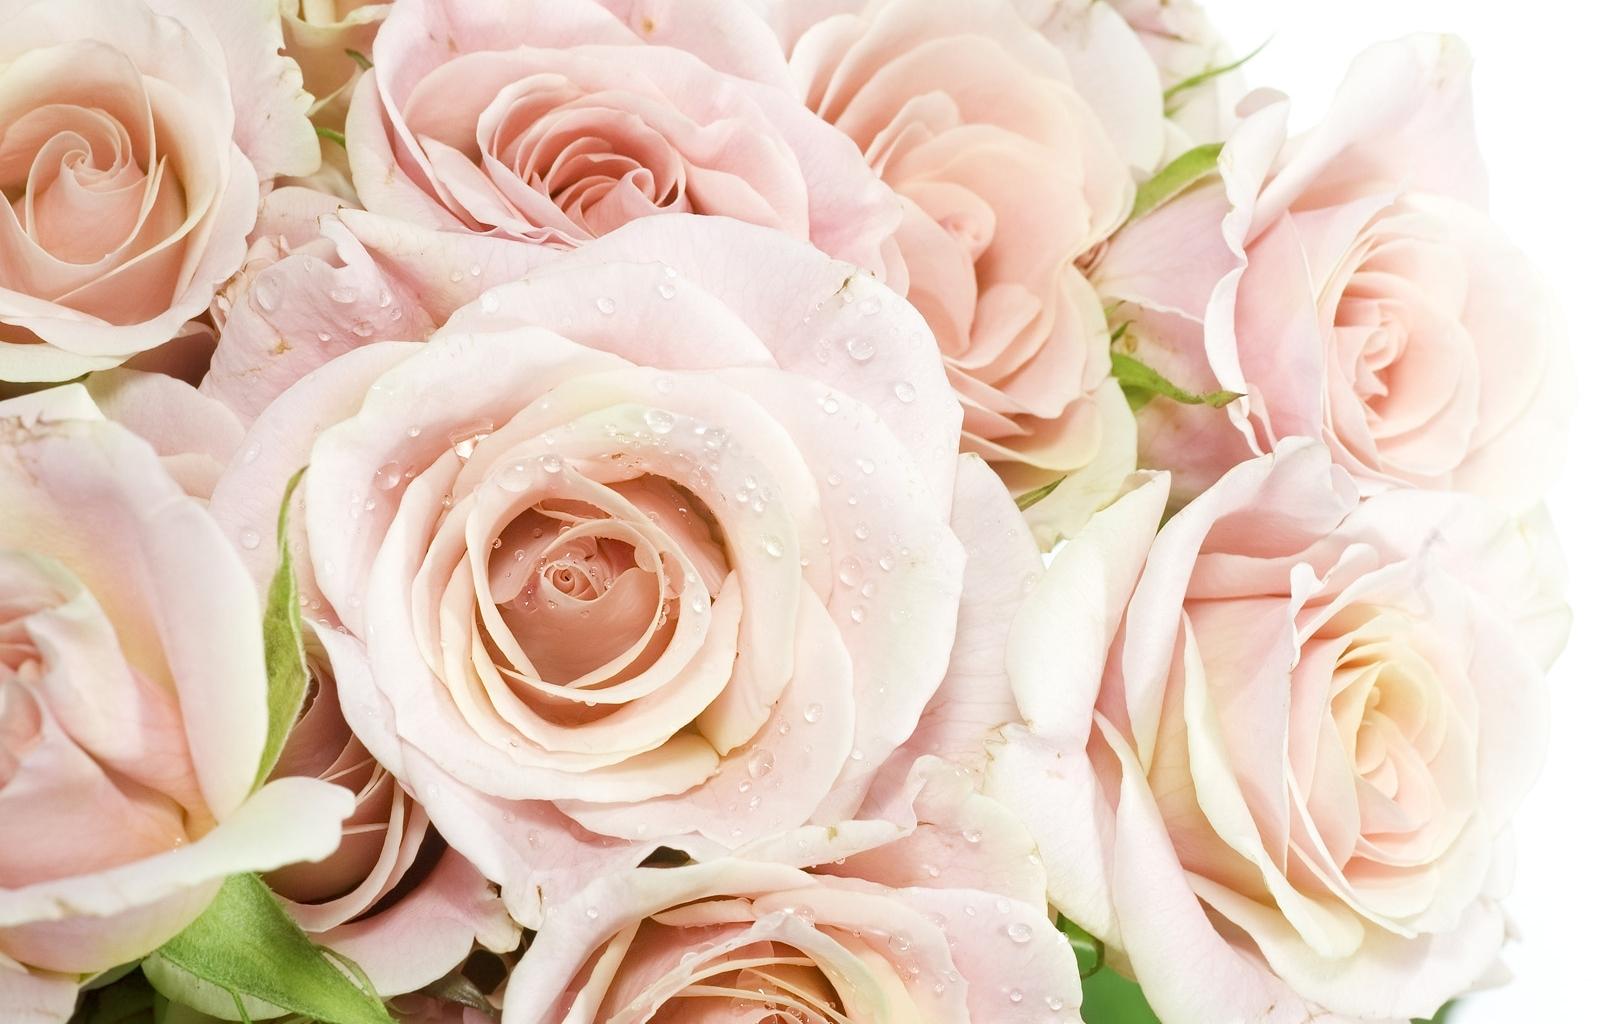 40177 Hintergrundbild herunterladen Blumen, Pflanzen - Bildschirmschoner und Bilder kostenlos